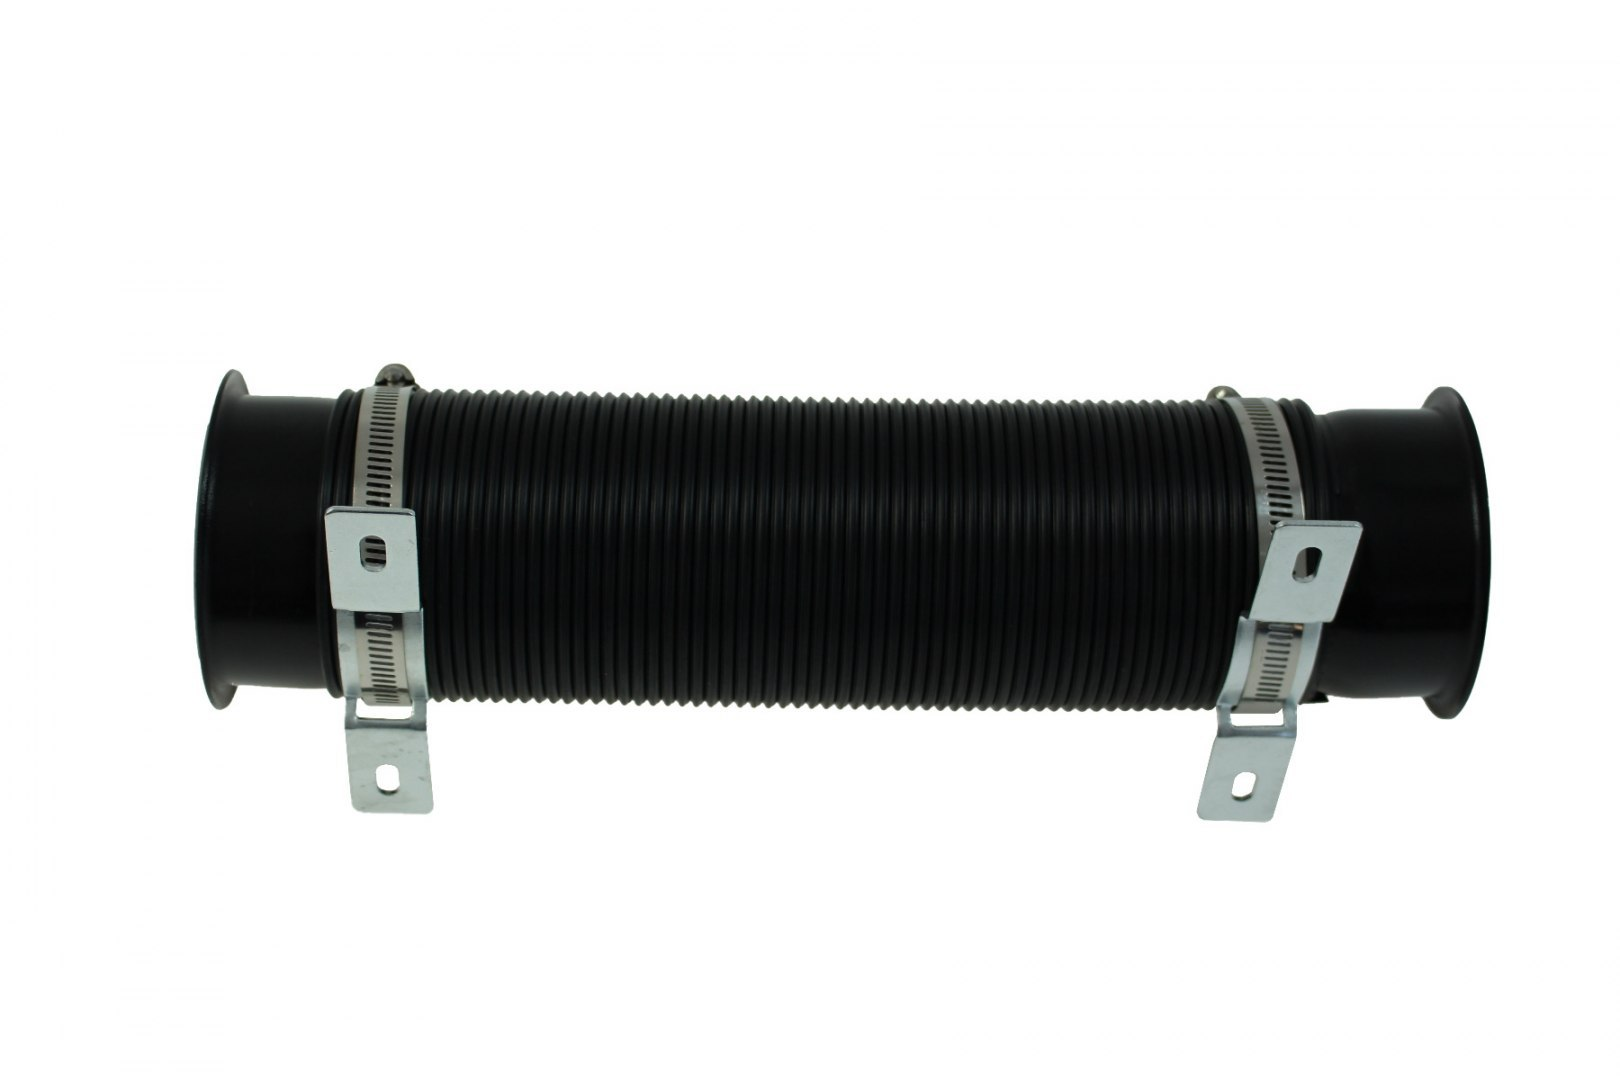 Przewód powietrza POWER+ 77mm BLACK - GRUBYGARAGE - Sklep Tuningowy